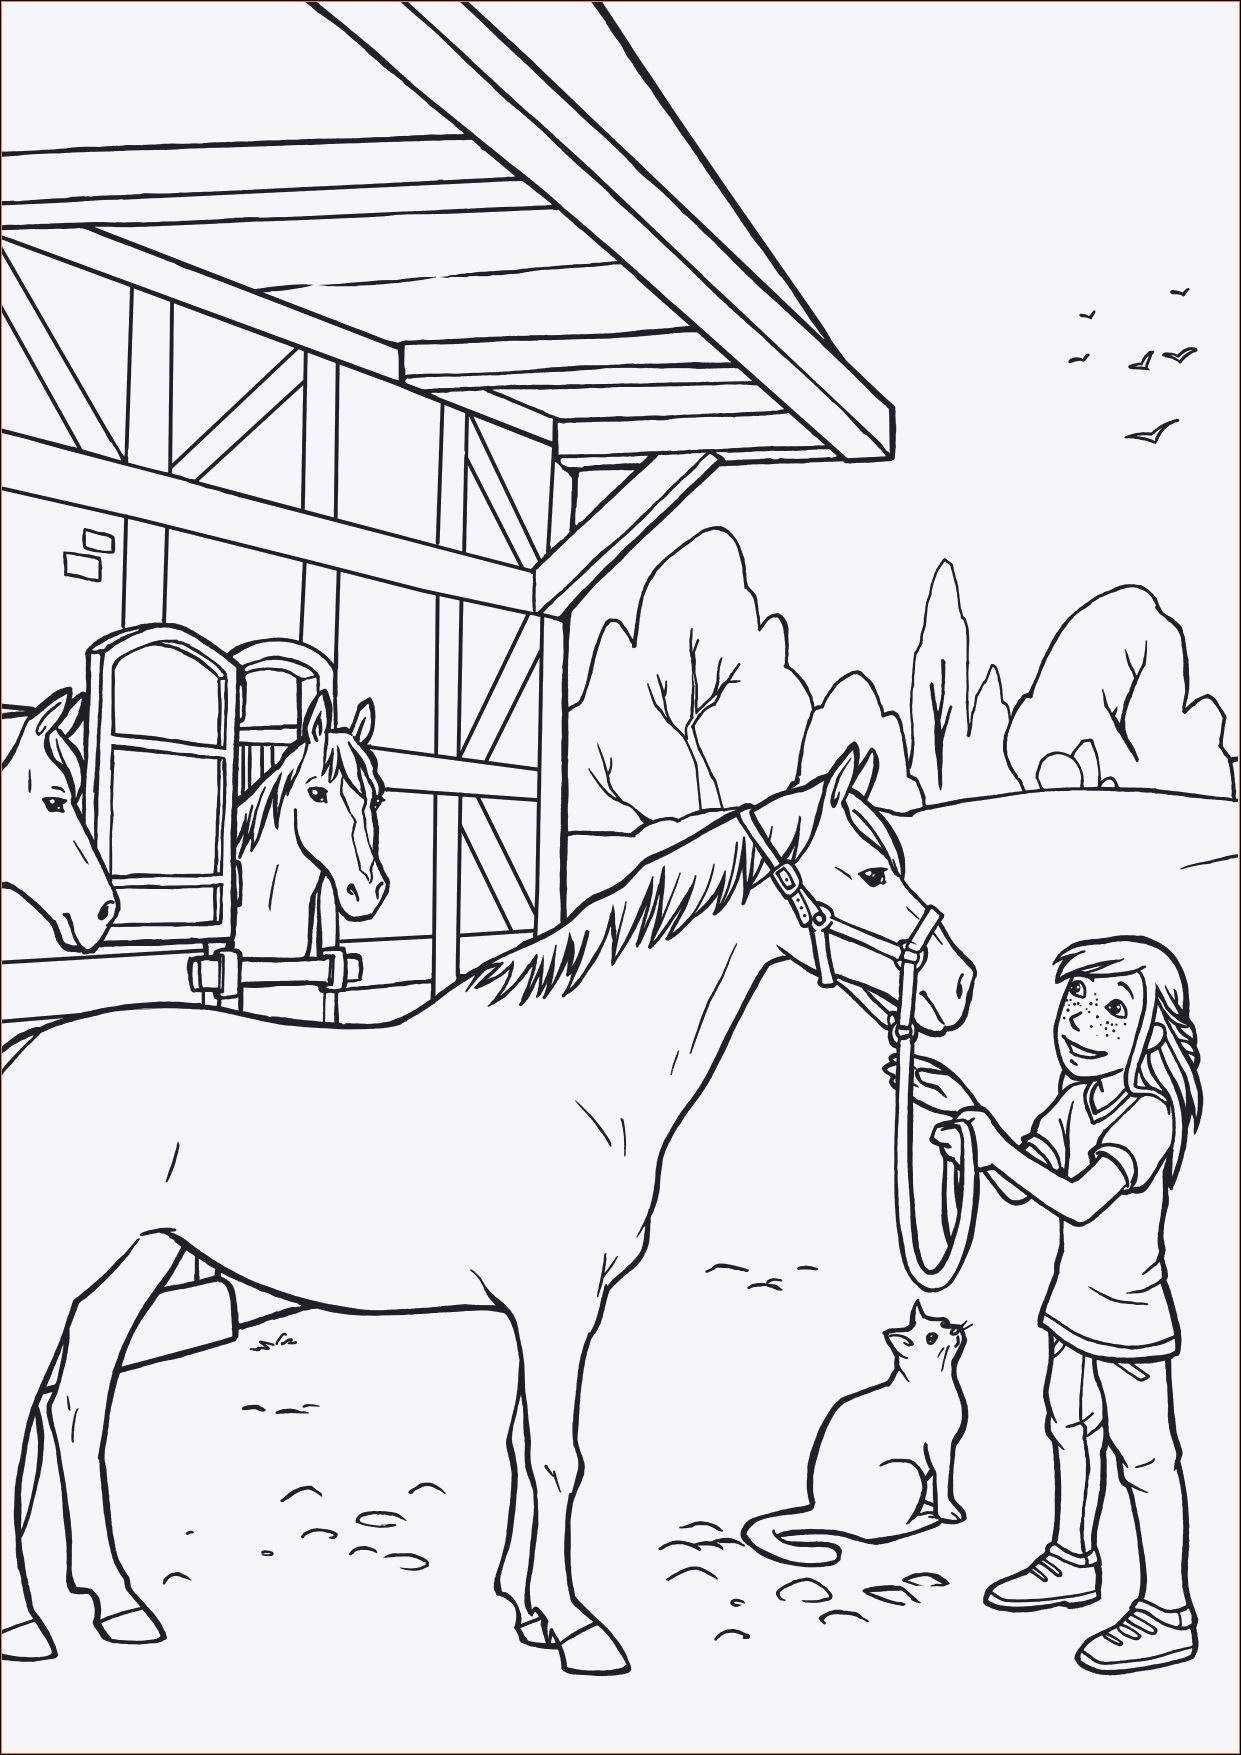 Ausmalbilder Barbie Pferd Inspirierend Ausmalbilder Barbie Pferd Meilleur De Galerie 37 Ausmalbilder Pferd Bild